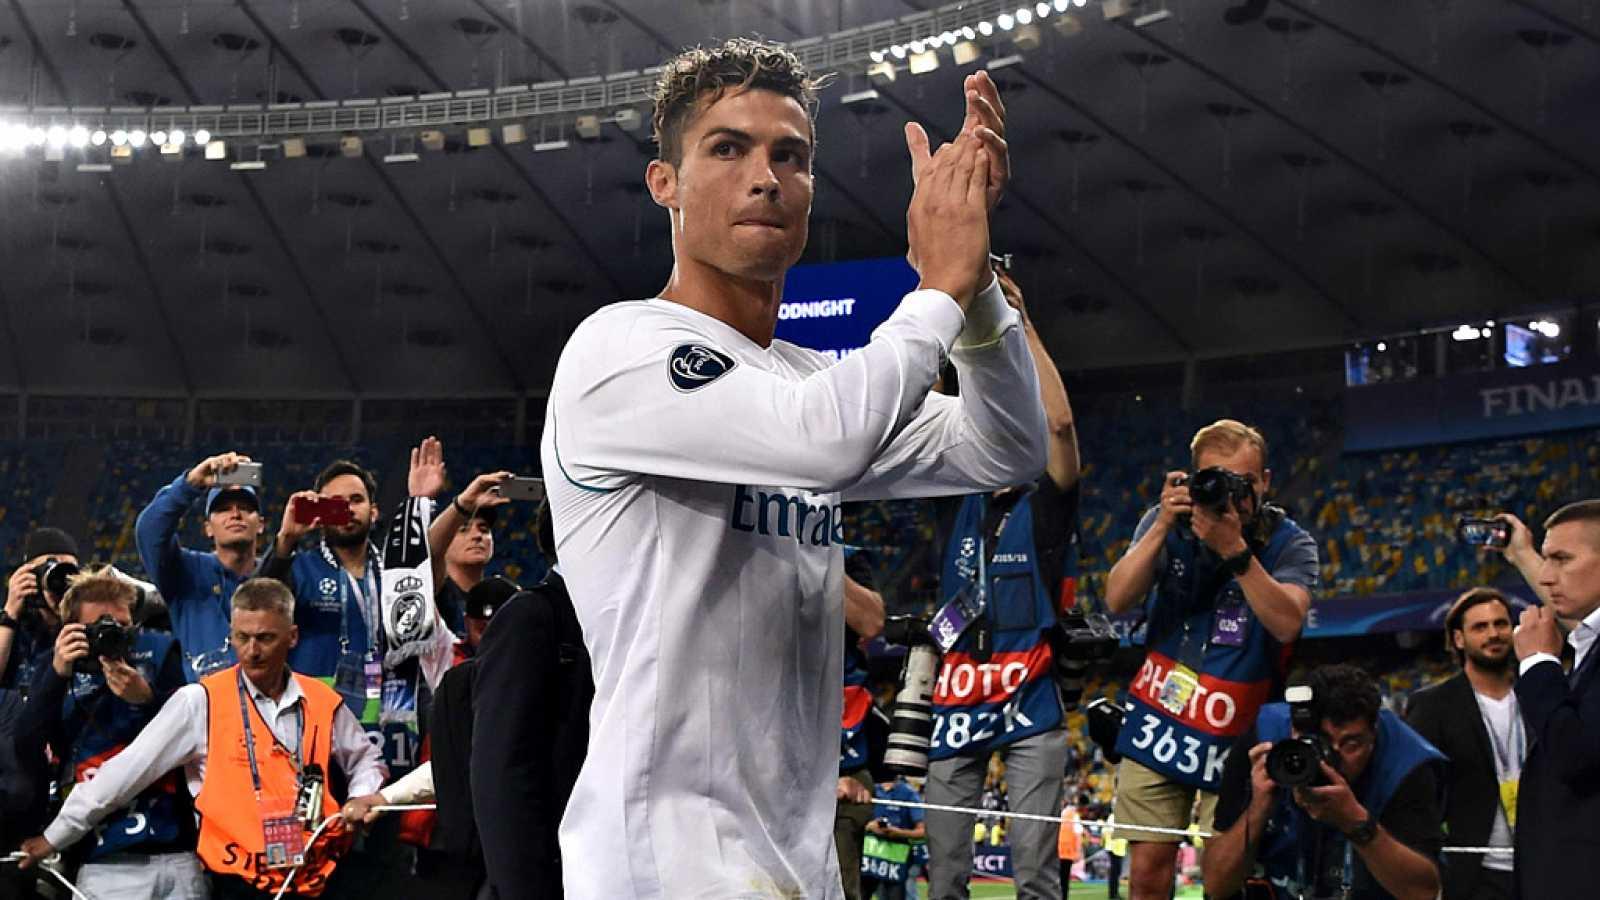 """El portugués Cristiano Ronaldo dejó un mensaje que sonó a  despedida al asegurar que """"fue muy bonito estar en el Real Madrid"""",  que ahora solo hay que """"disfrutar este momento"""" y que en los próximos  días dará """"una respuesta a los aficionados"""", despué"""